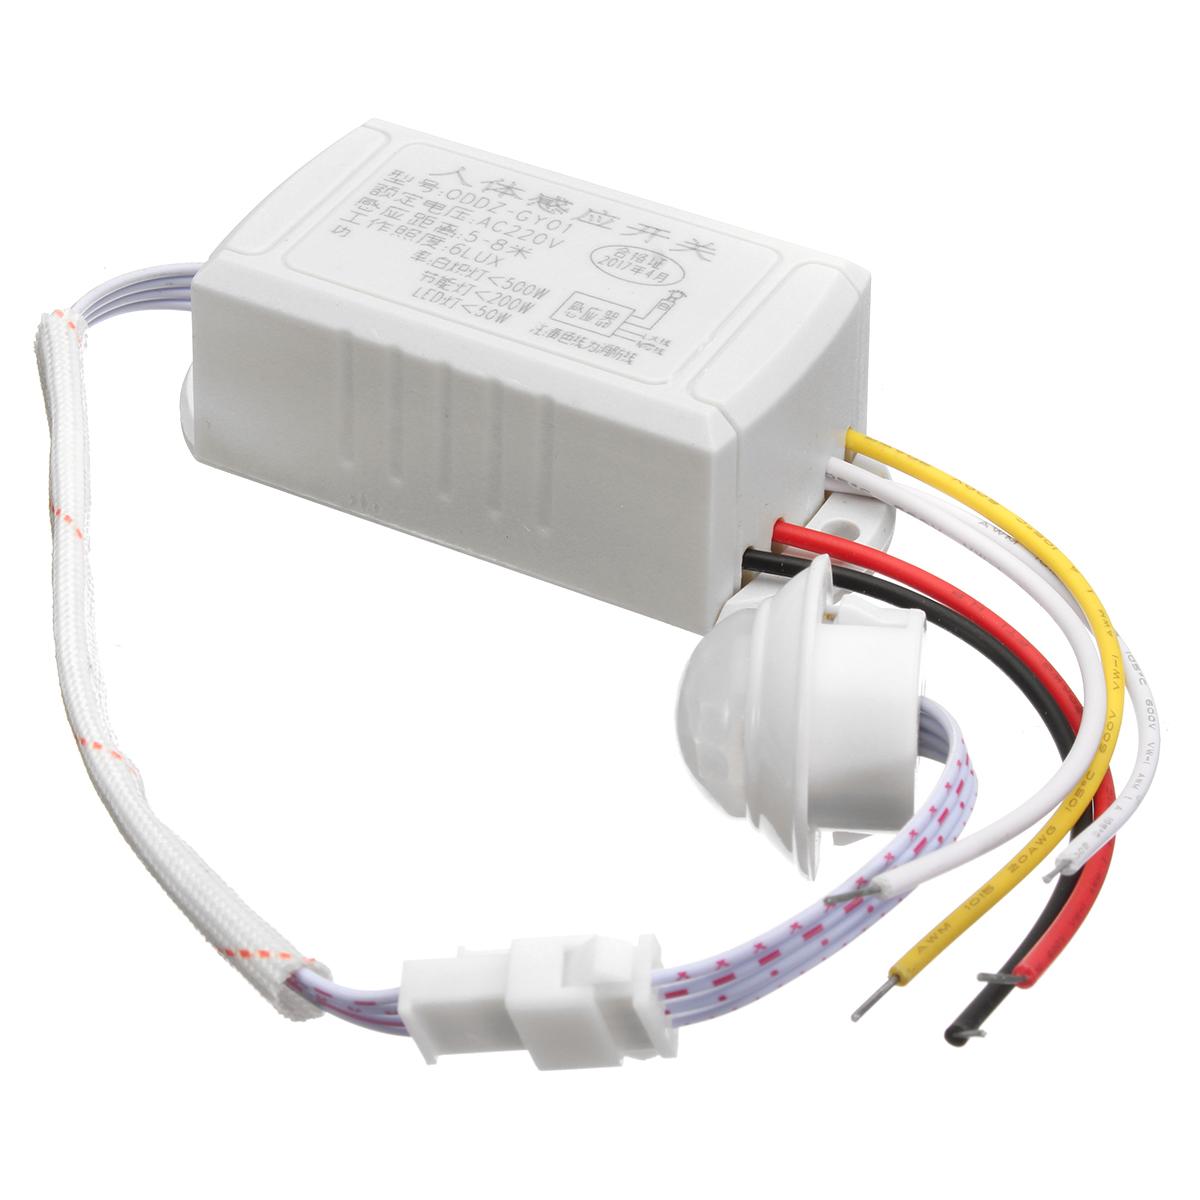 Strange 220V 5 8M Ir Infrared Body Motion Sensor Automatic Intelligent Light Wiring Cloud Orsalboapumohammedshrineorg